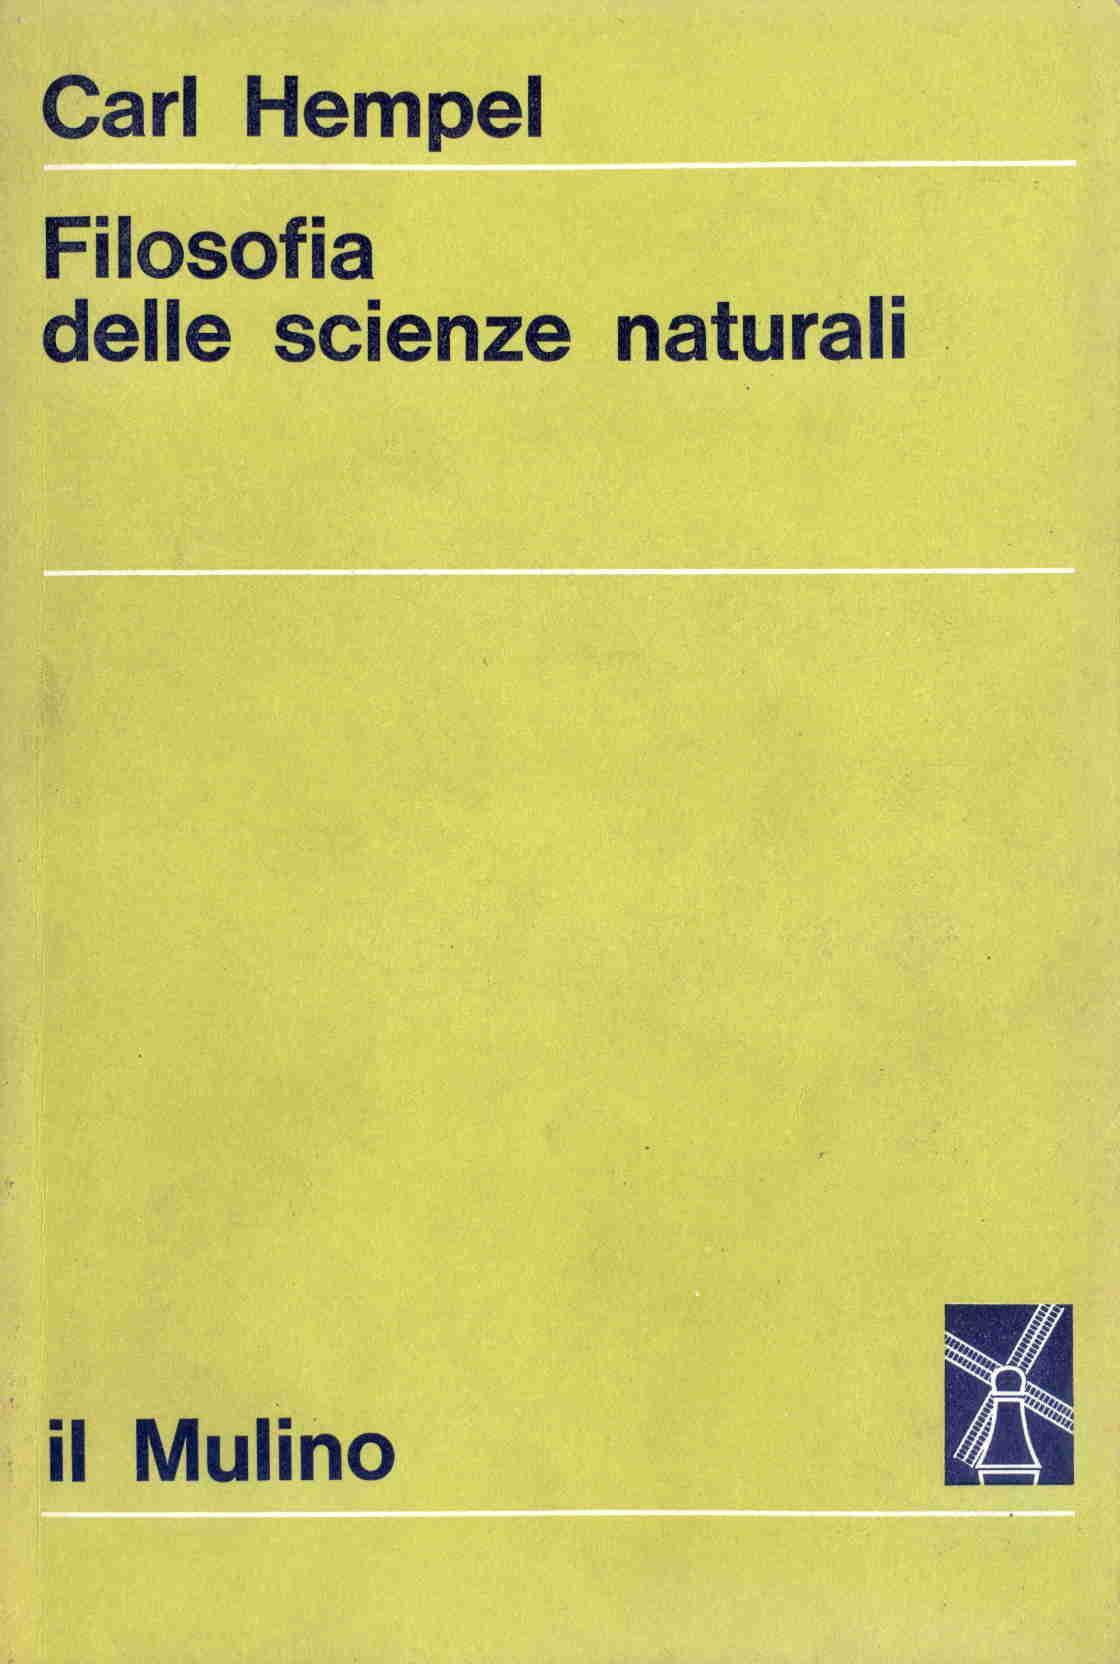 Filosofia delle scienze naturali